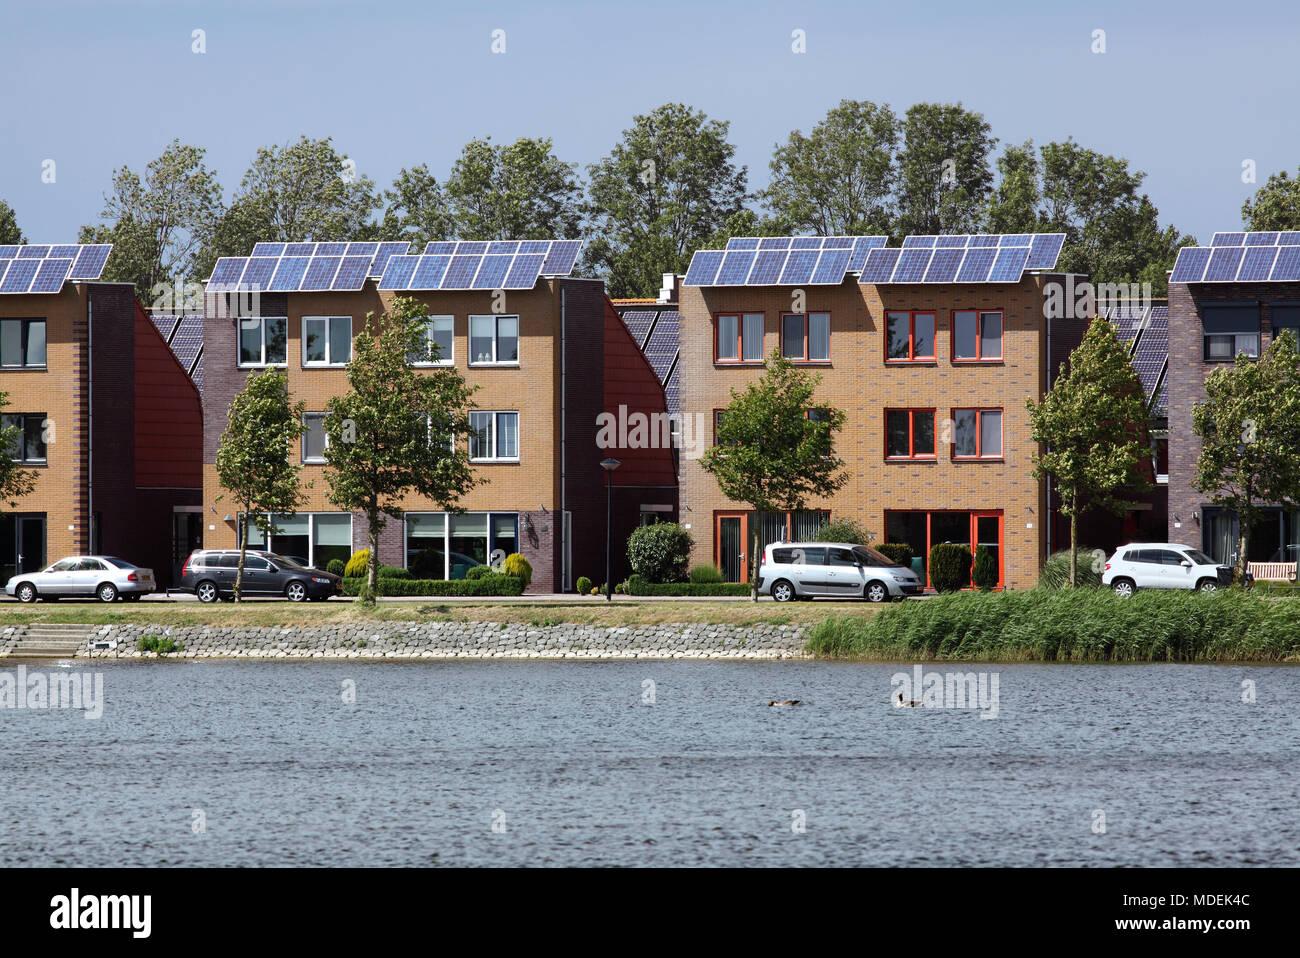 Häuser mit Solarzellen in Stad van de Zon (Stadt der Sonne), eine nachhaltige Vorort von Heerhugowaard, Nord Holland, Niederlande. Stockbild